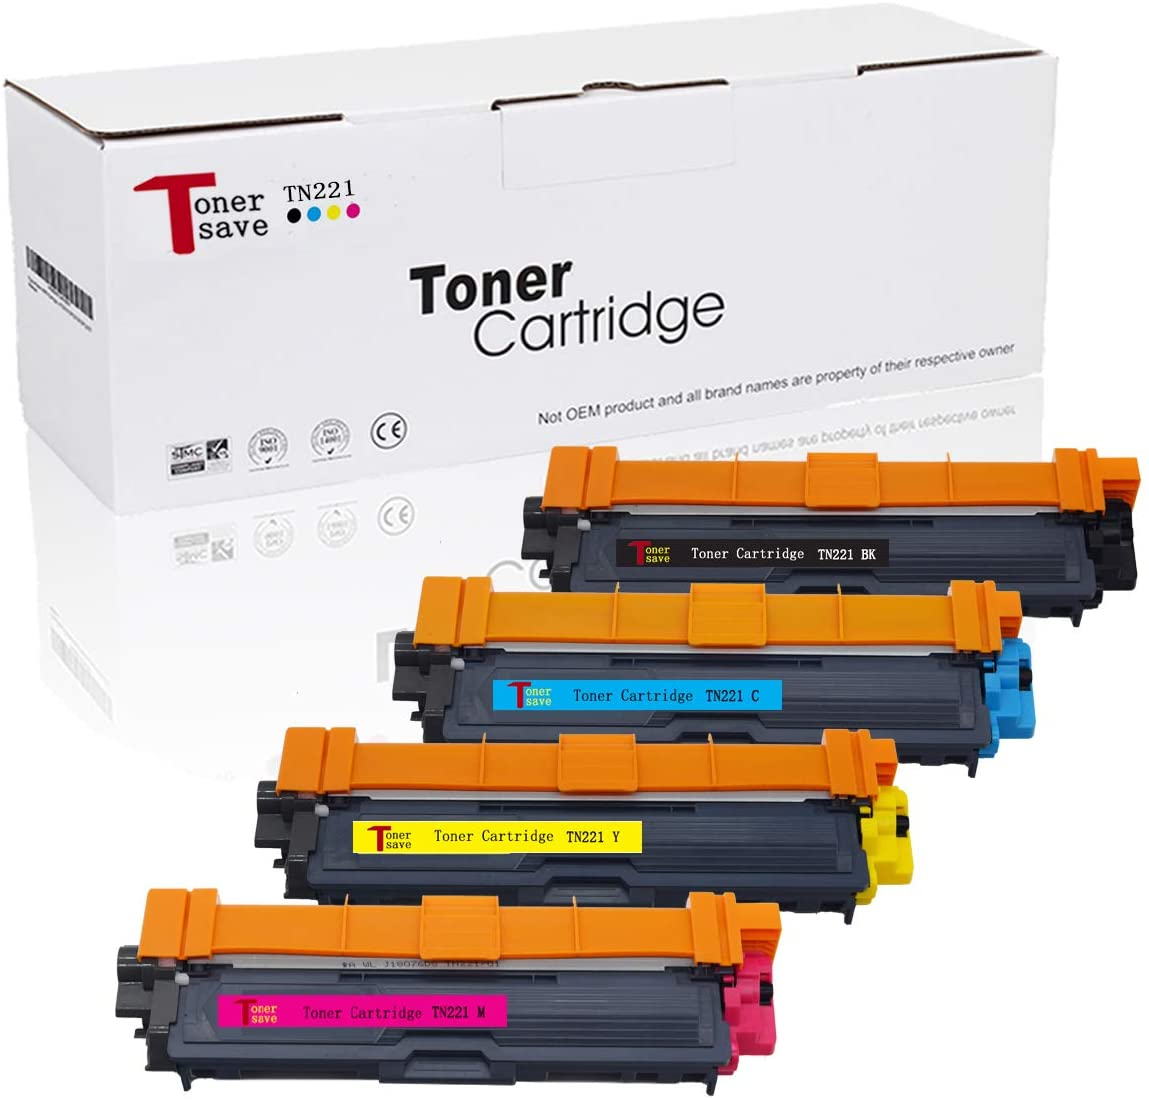 TonerSave 4PK TN221 TN-221 TN225 TN-225 Toner for Brother HL-3170CDW HL-3180 MFC-9130CW HL-3140CW MFC-9330CDW MFC-9340CDW